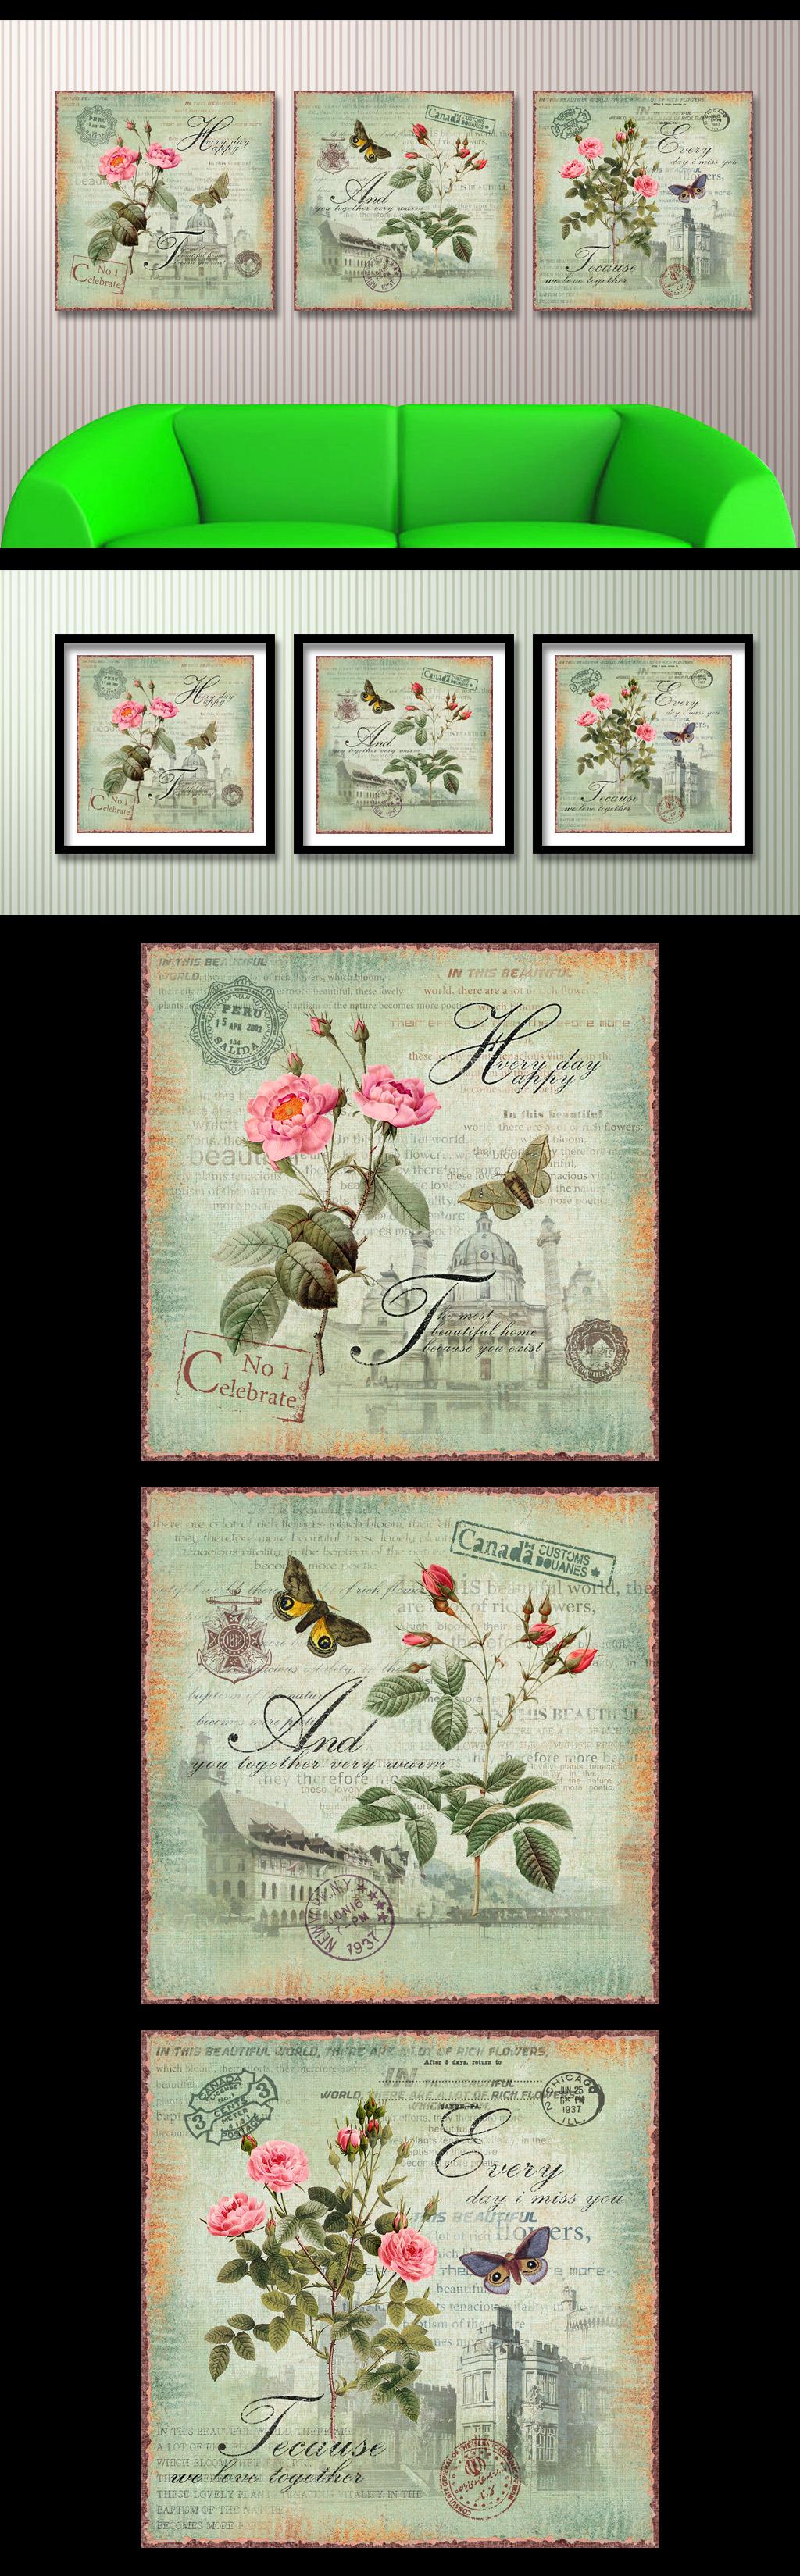 欧式欧美复古怀旧手绘花卉蝴蝶装饰画无框画